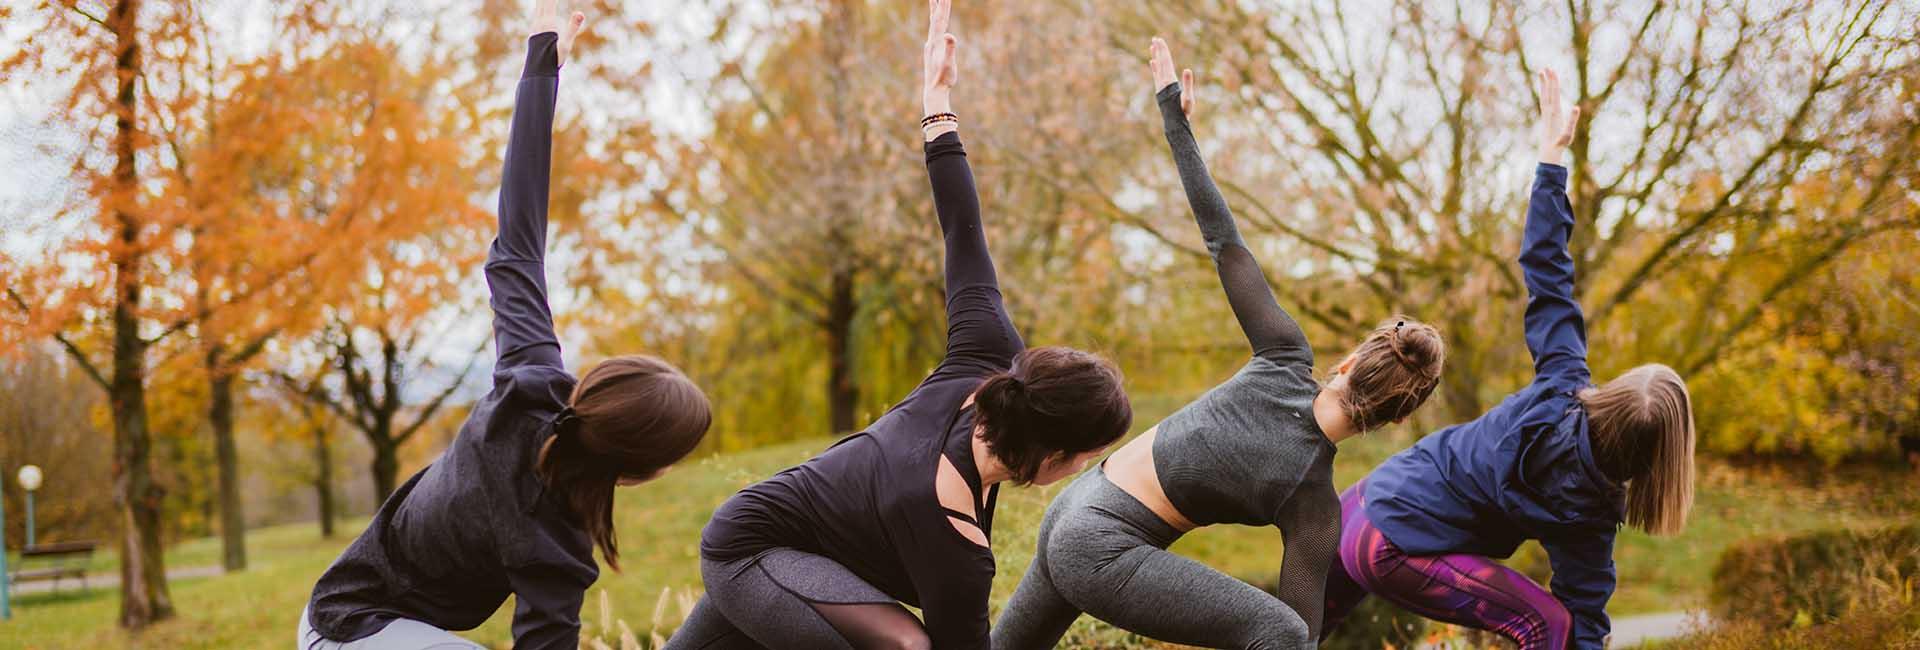 Frauen bei Outdoor-Yogaeinheit